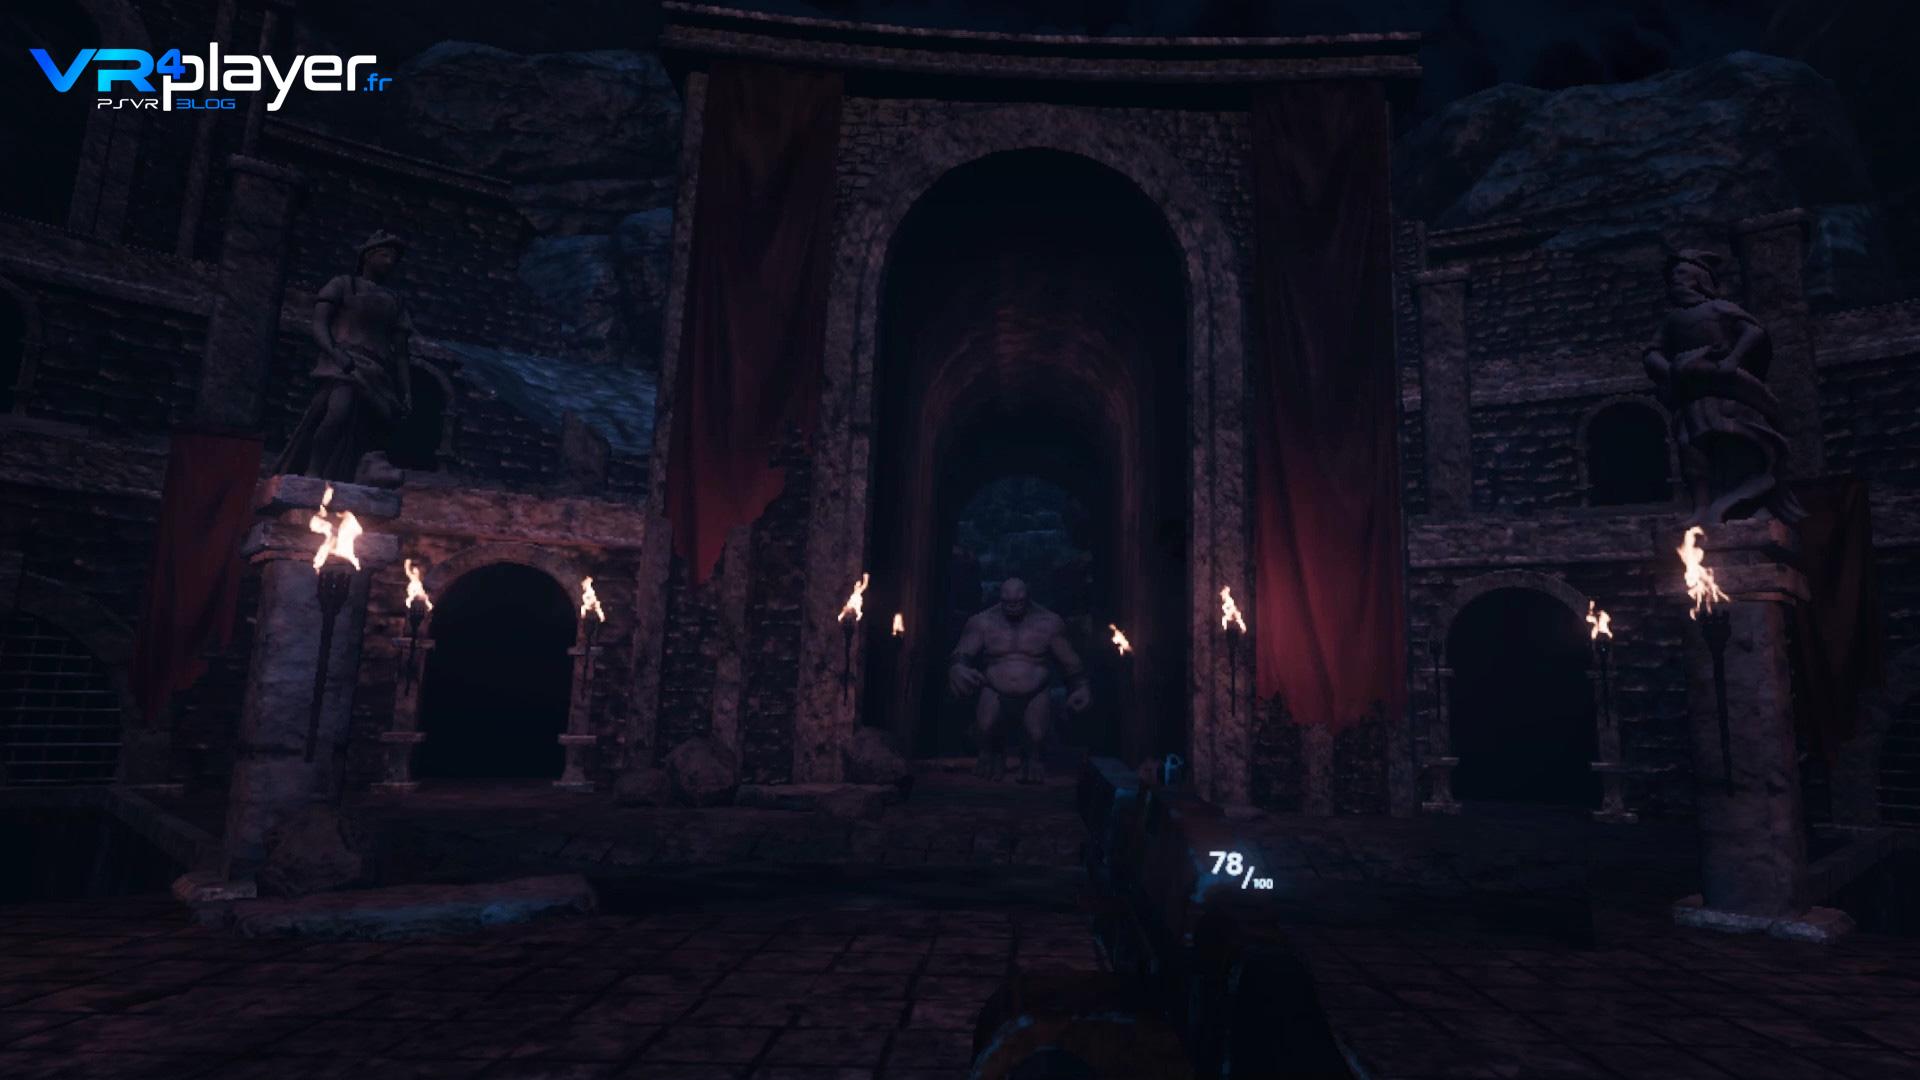 Time Carnage en avril sur PlayStation VR vrplayer.fr